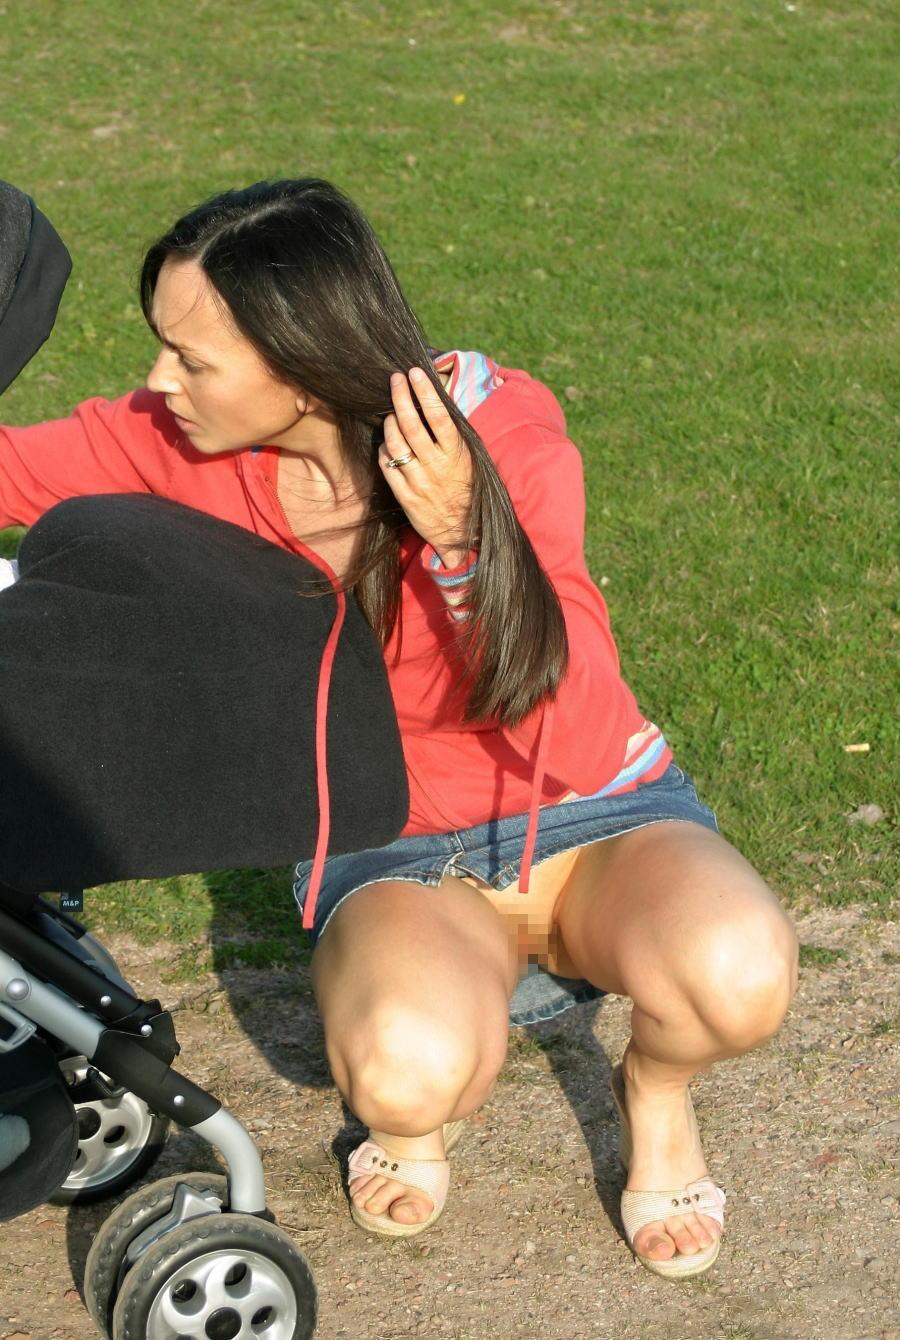 人妻熟女のパンチラ盗撮wwwエロい格好で下着見せちゃう外国人ポルノエロ画像wwww 26 93